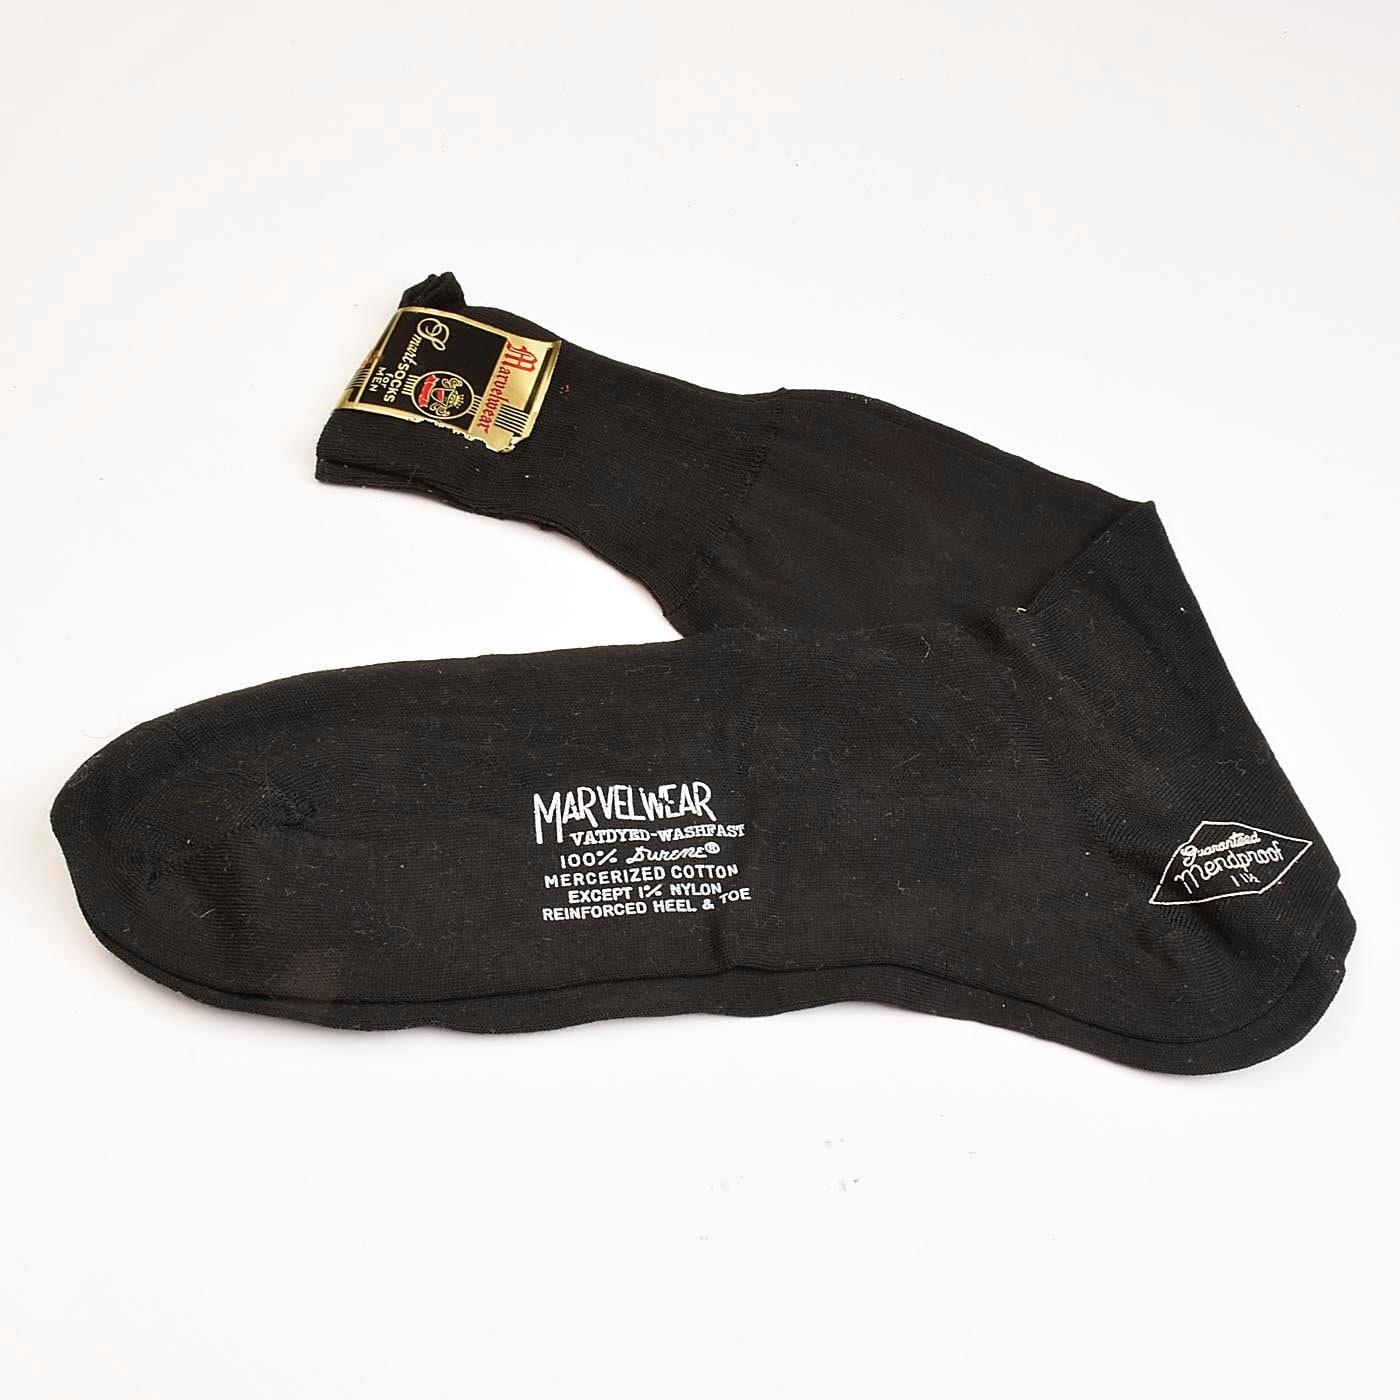 1950s Mens Hats | 50s Vintage Men's Hats 1950S Deadstock Mens Marvelwear Cotton Socks Black Reinforced Heel Rib Knit Top Mend Proof Lightweight 50S Vintage $0.00 AT vintagedancer.com